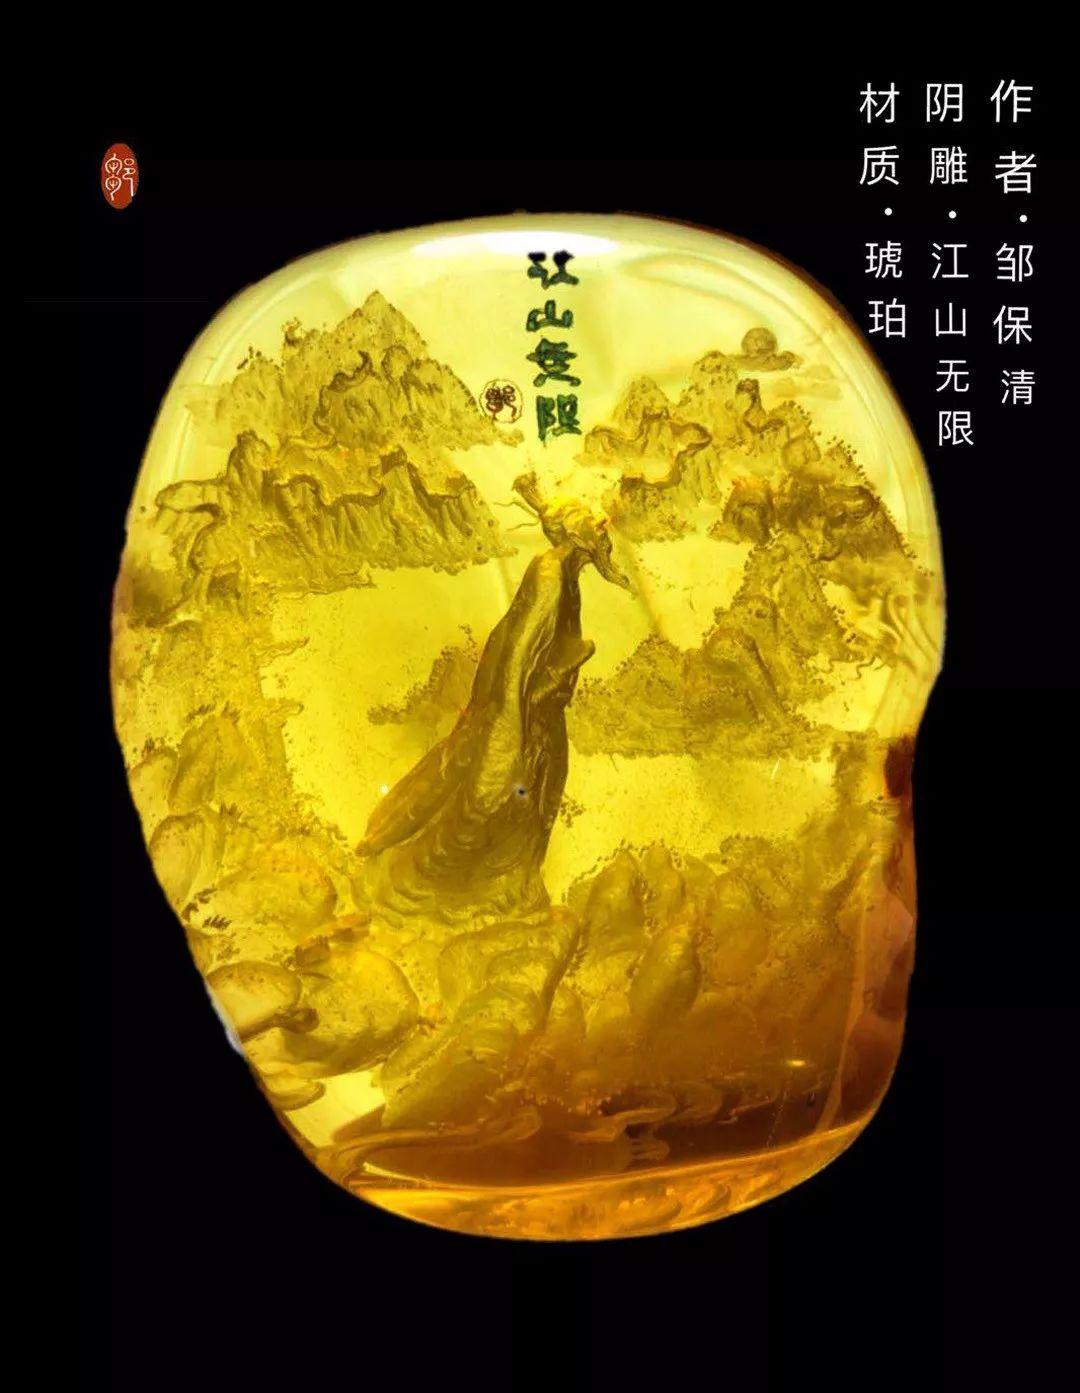 《江山无限》琥珀雕刻大师-邹保清作品